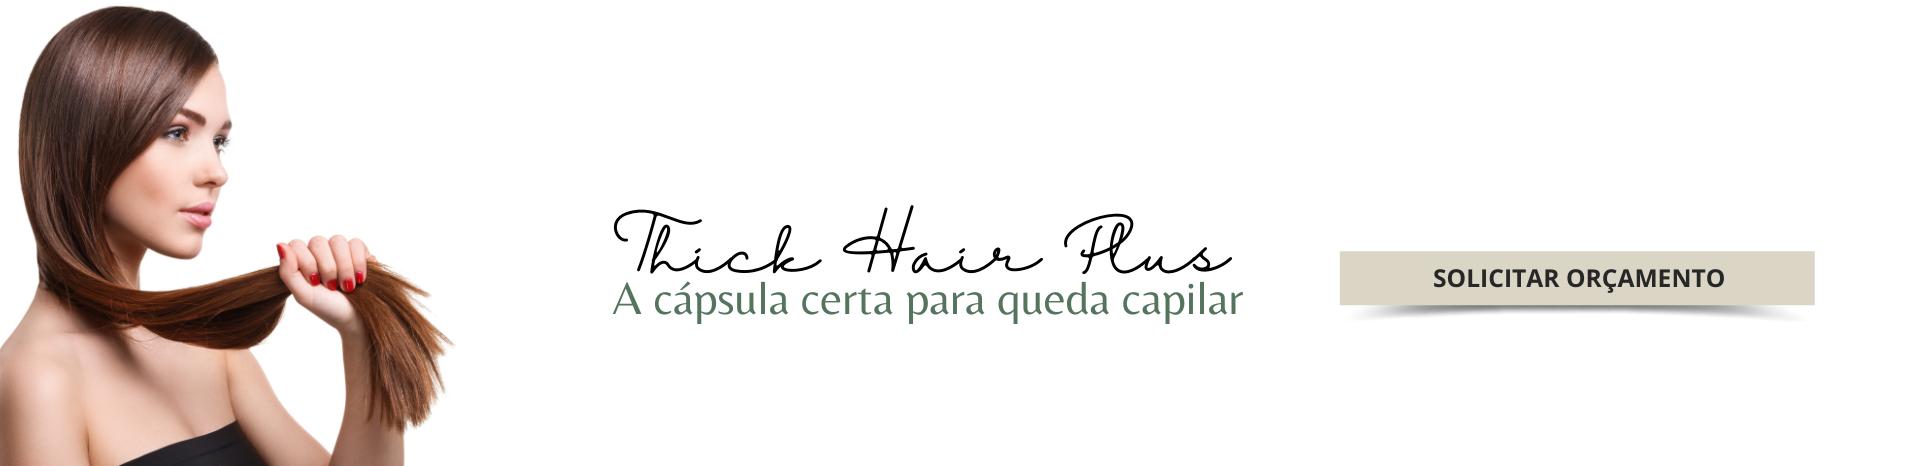 Thick Hair Plus